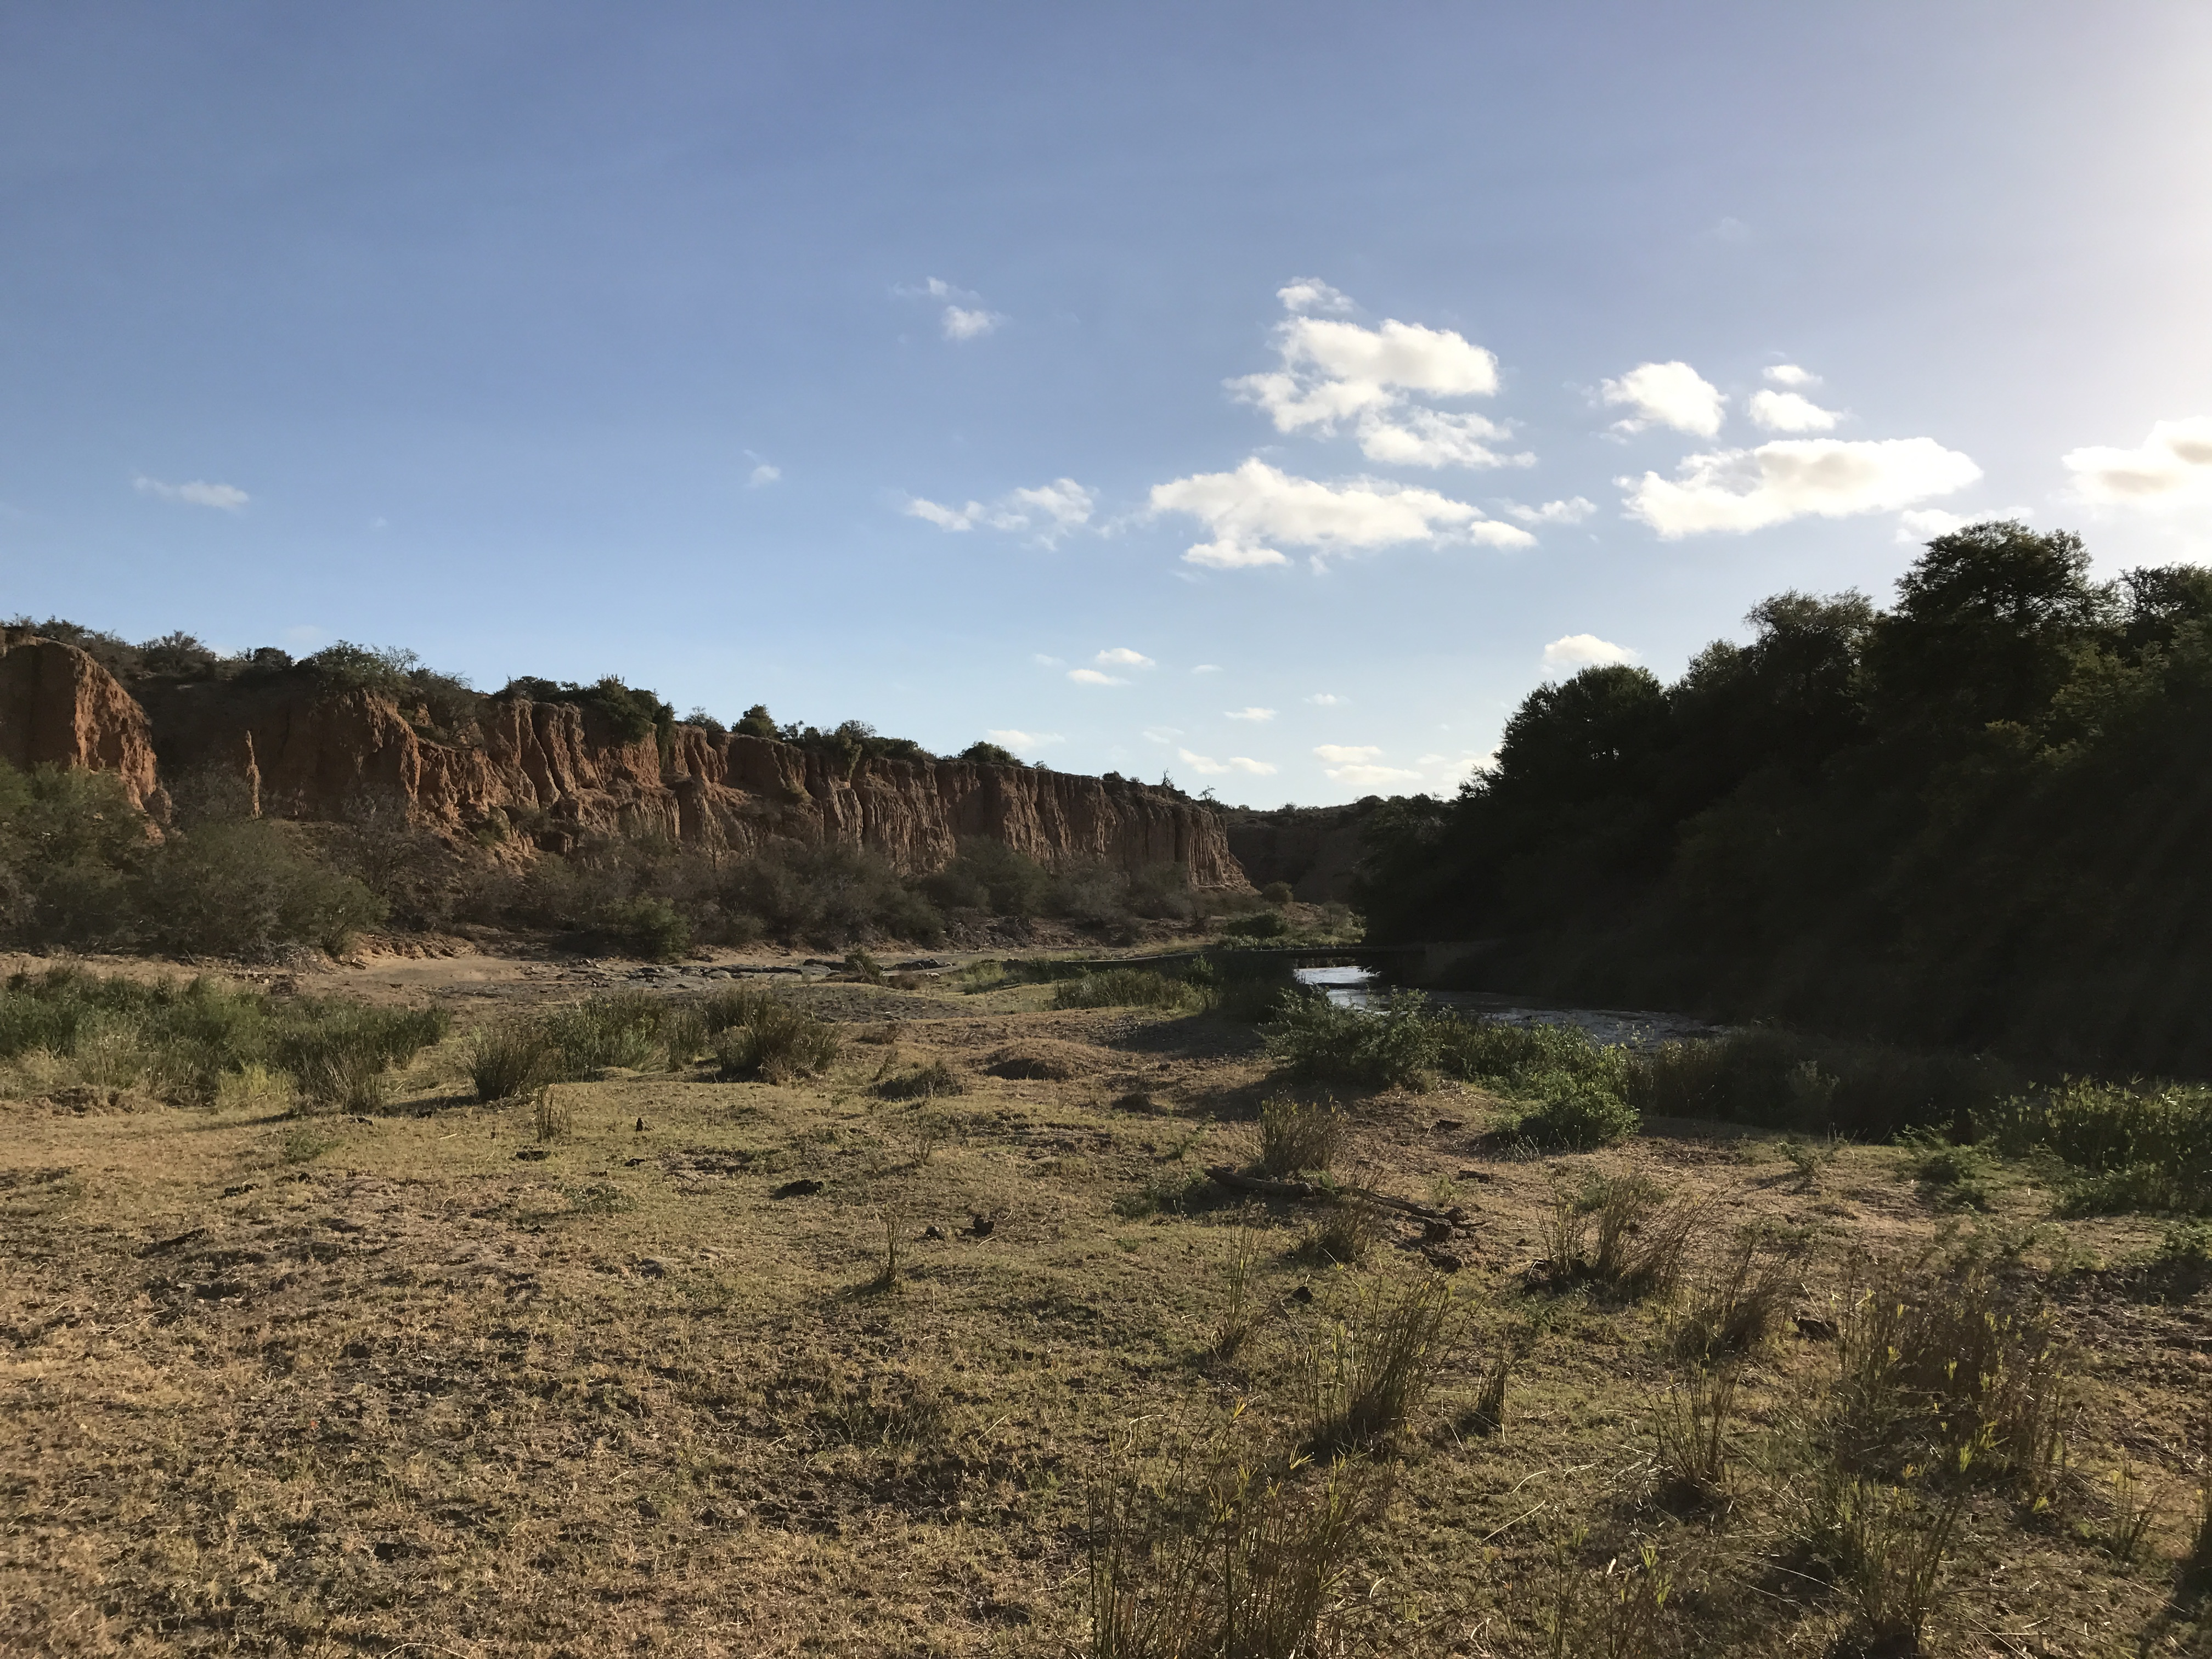 Wunderbare Landschaft